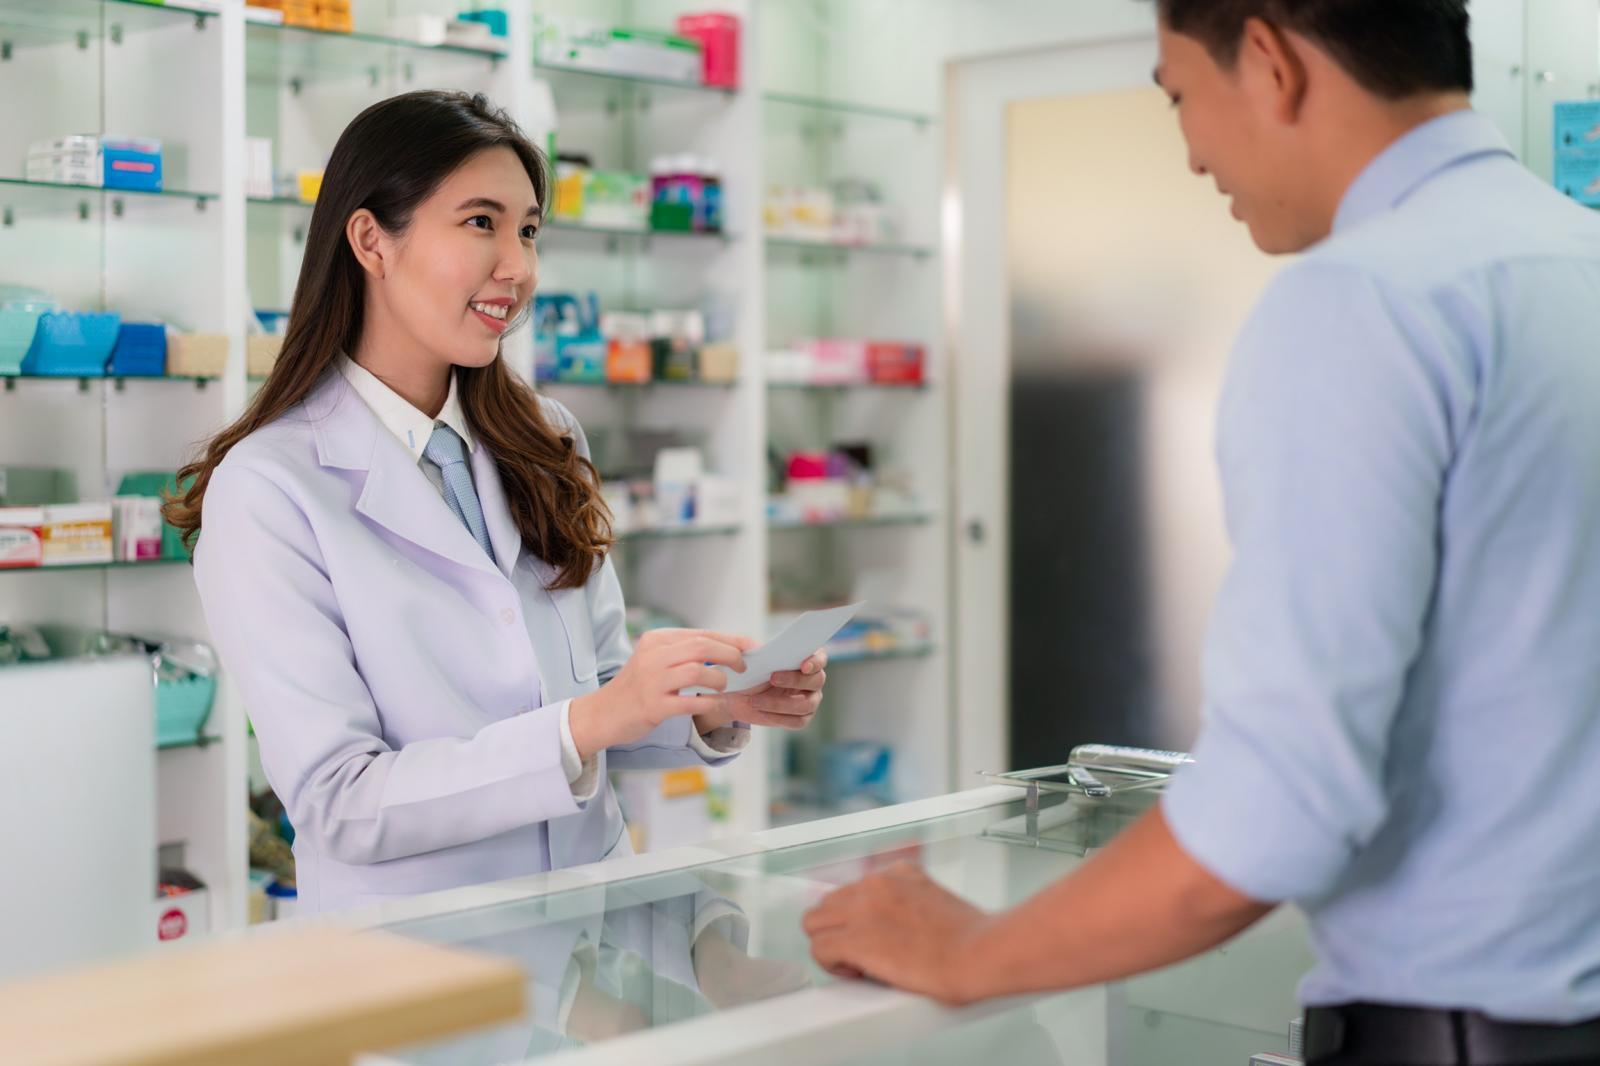 เตือน! ซื้อยาจากร้านขายยาที่ไม่มีเภสัชกรอาจได้รับอันตราย